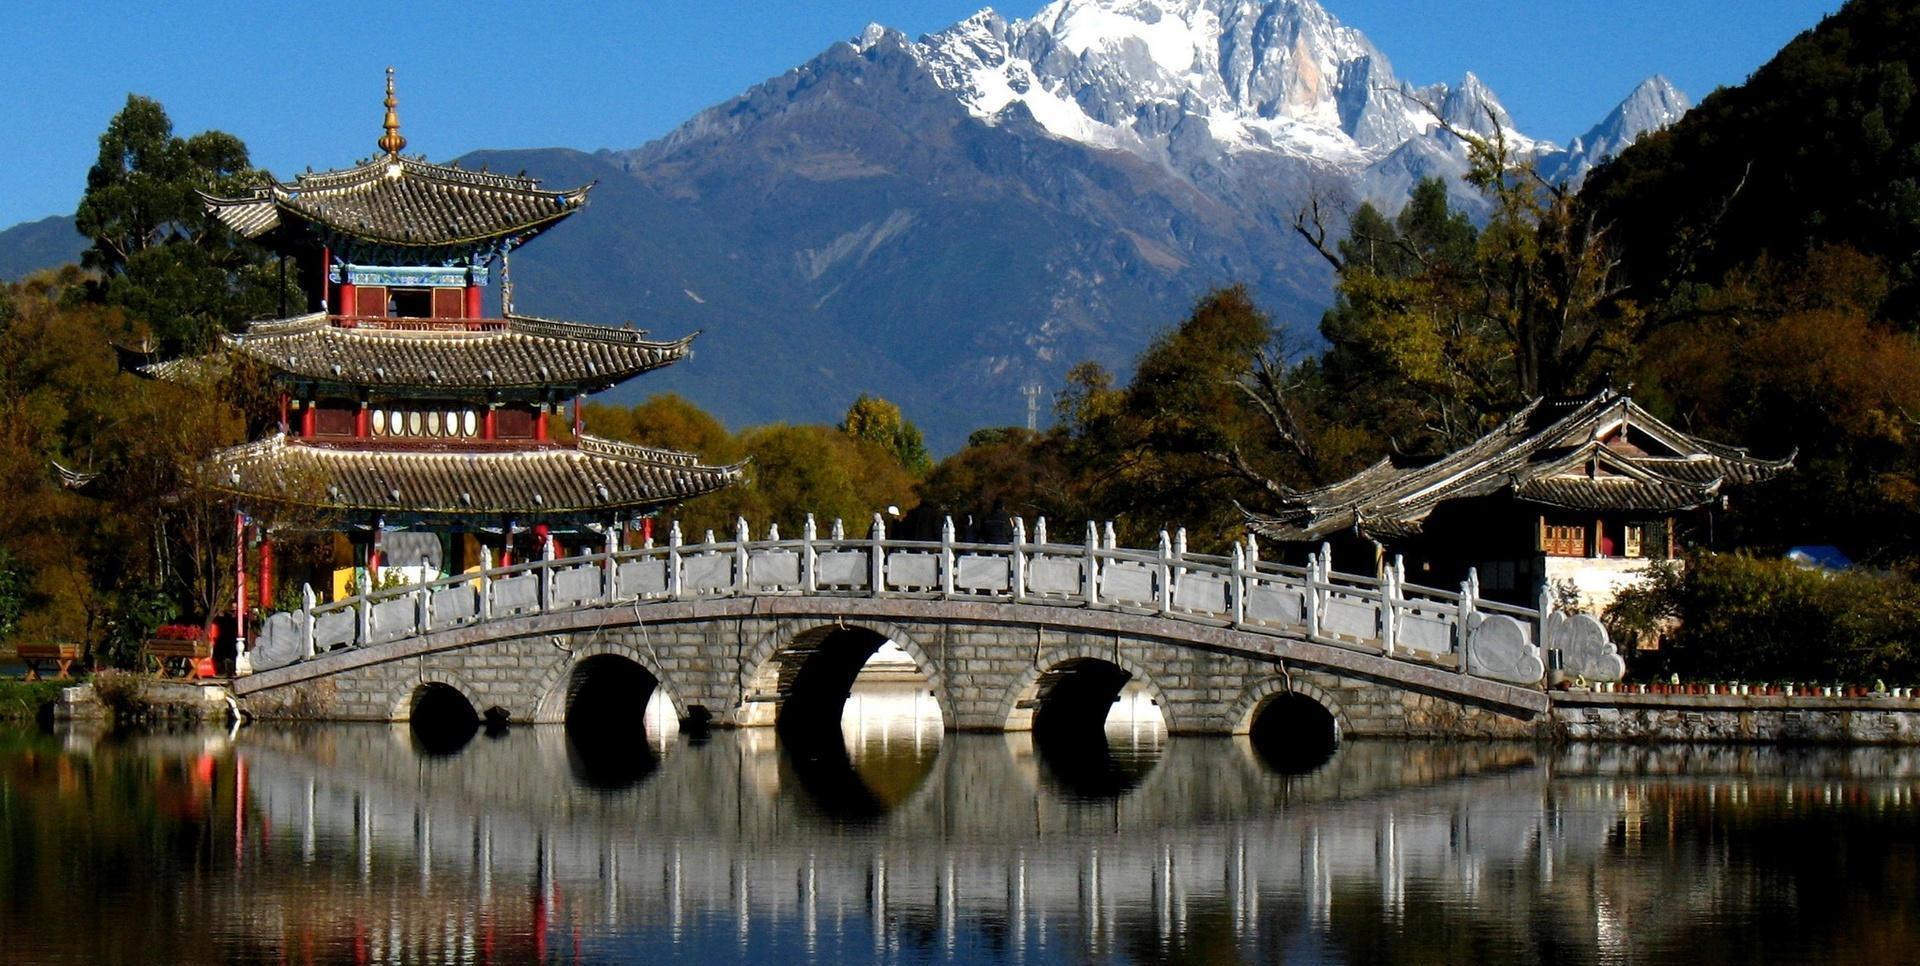 china-wallpaper-12323-12882-hd-wallpapers